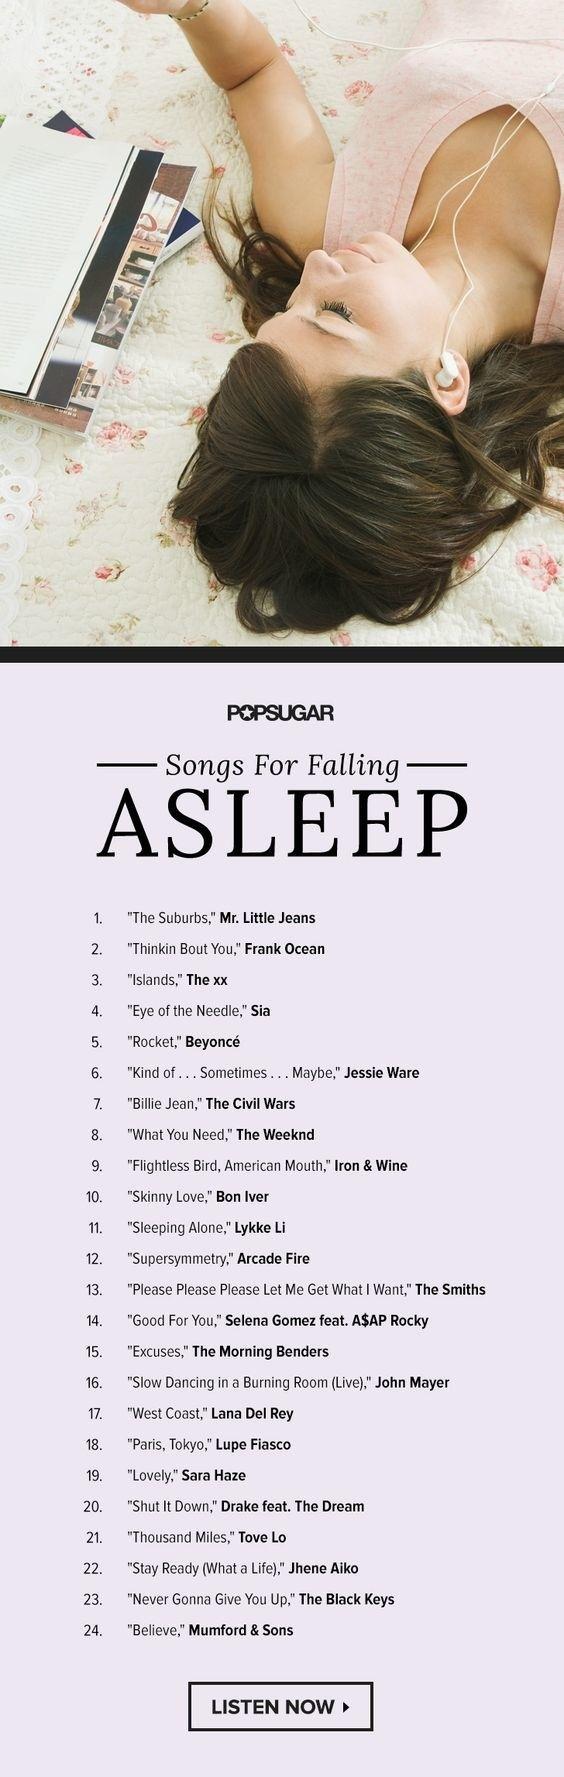 Best 20+ Help Falling Asleep Ideas On Pinterest  Falling Asleep Tips, Falling  Asleep And Ways To Fall Asleep